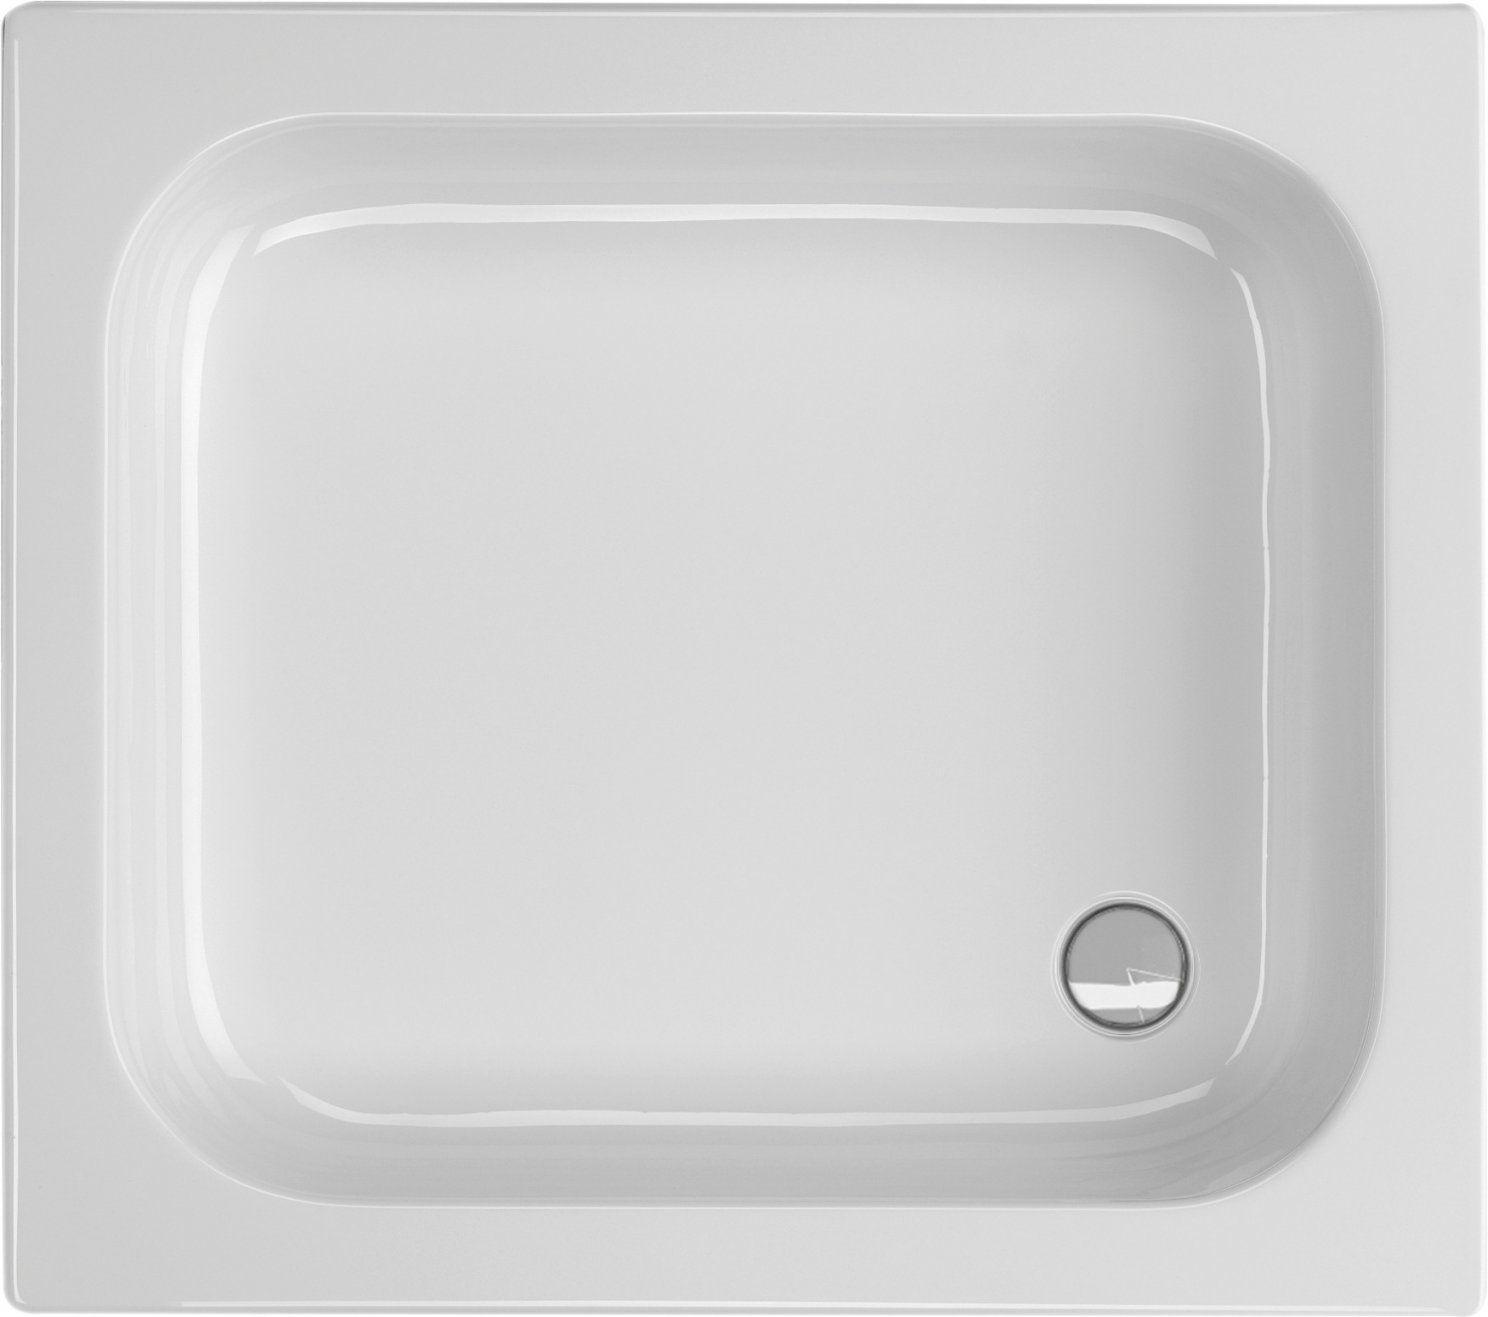 Tiefe Duschwanne 90 X 80 X 14 Cm Duschwanne Duschtasse Rechteck von Duschtasse 80 X 90 Bild